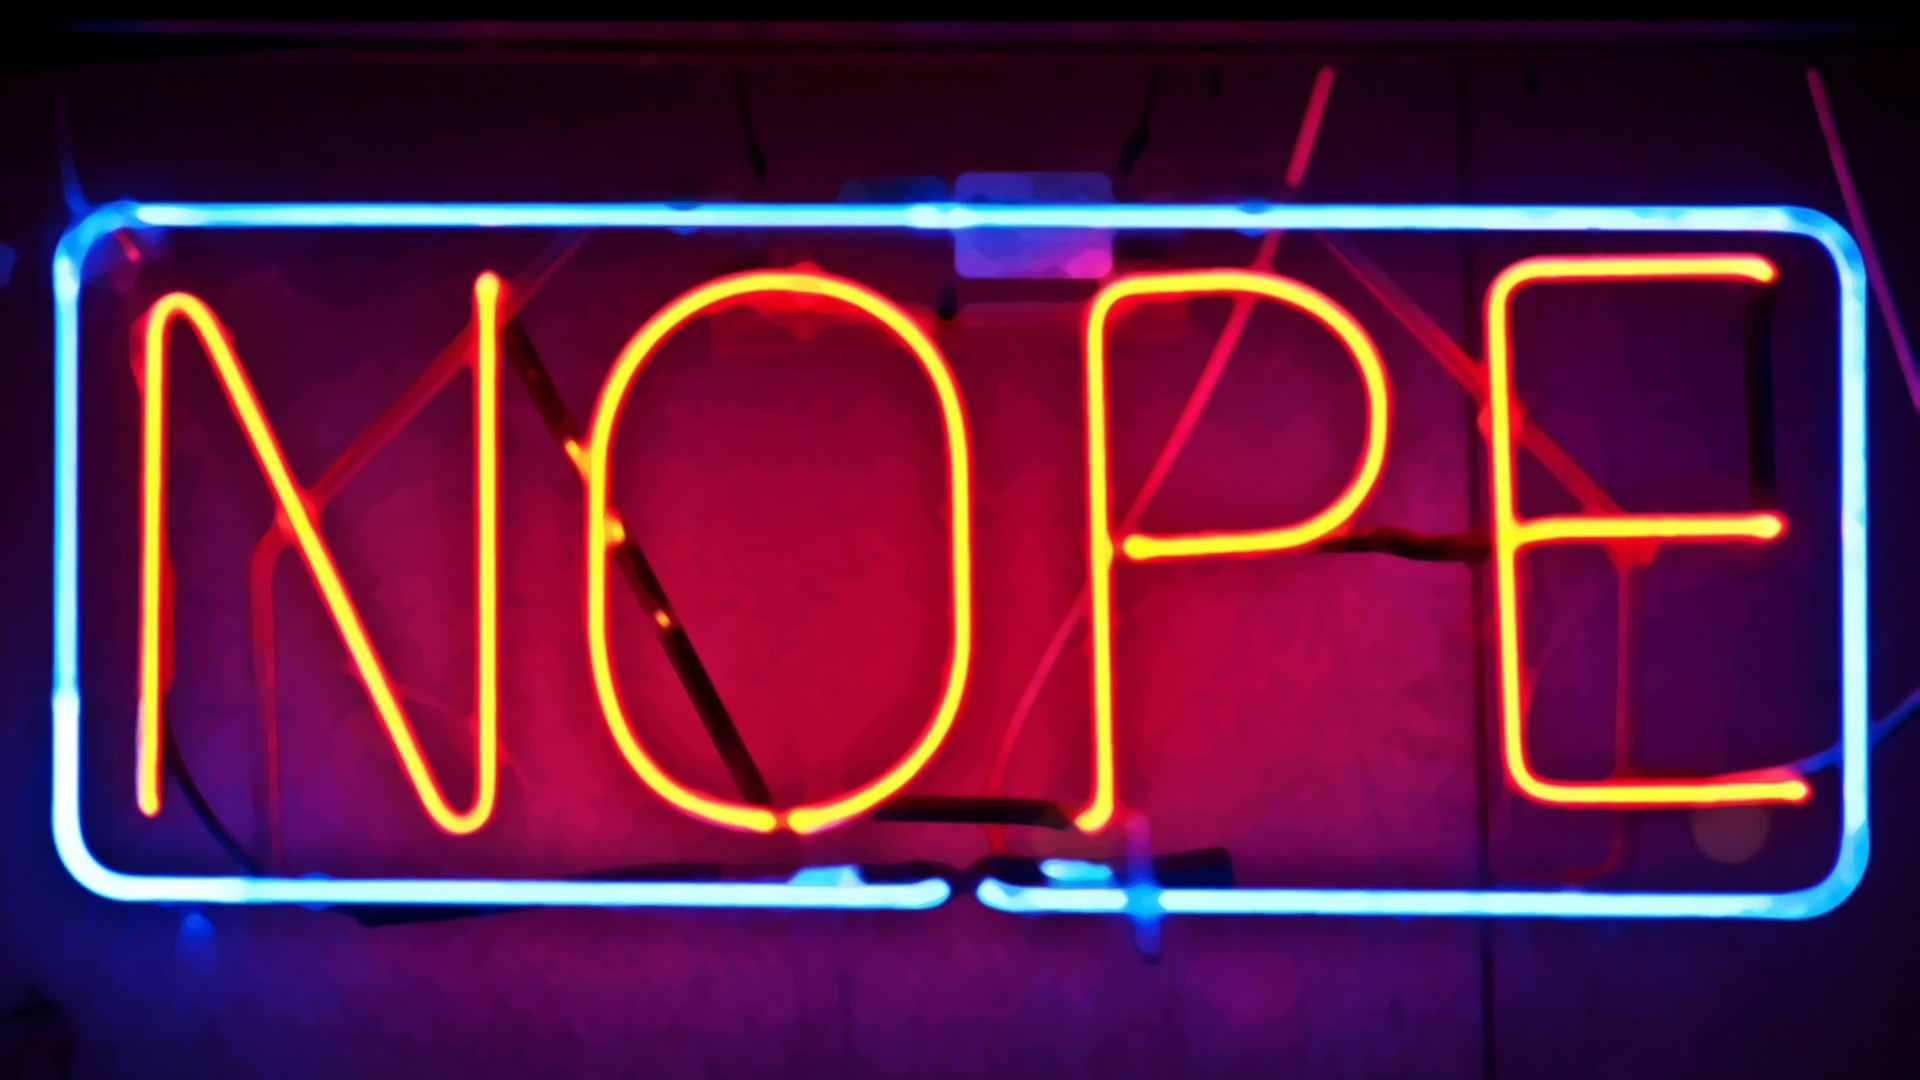 Neon Sign wallpaper